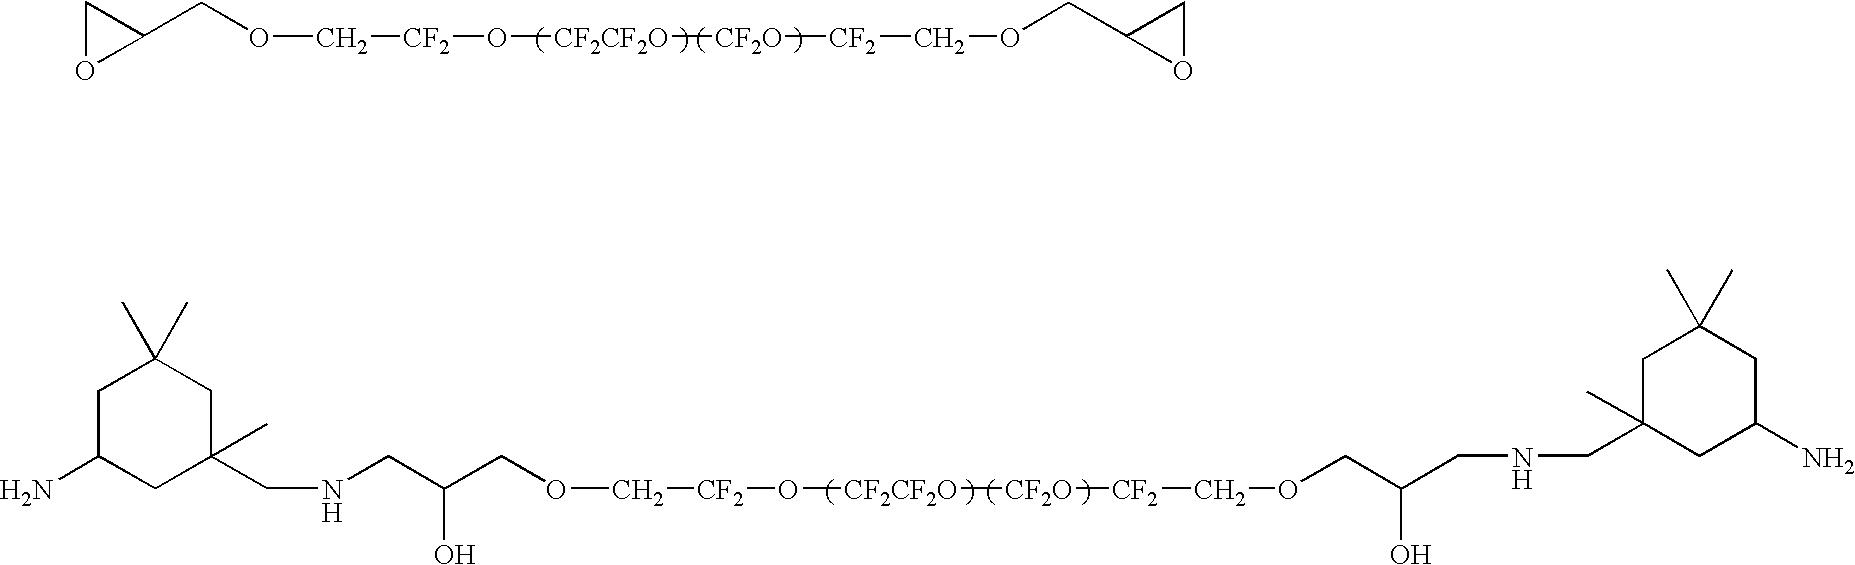 Figure US08944804-20150203-C00042